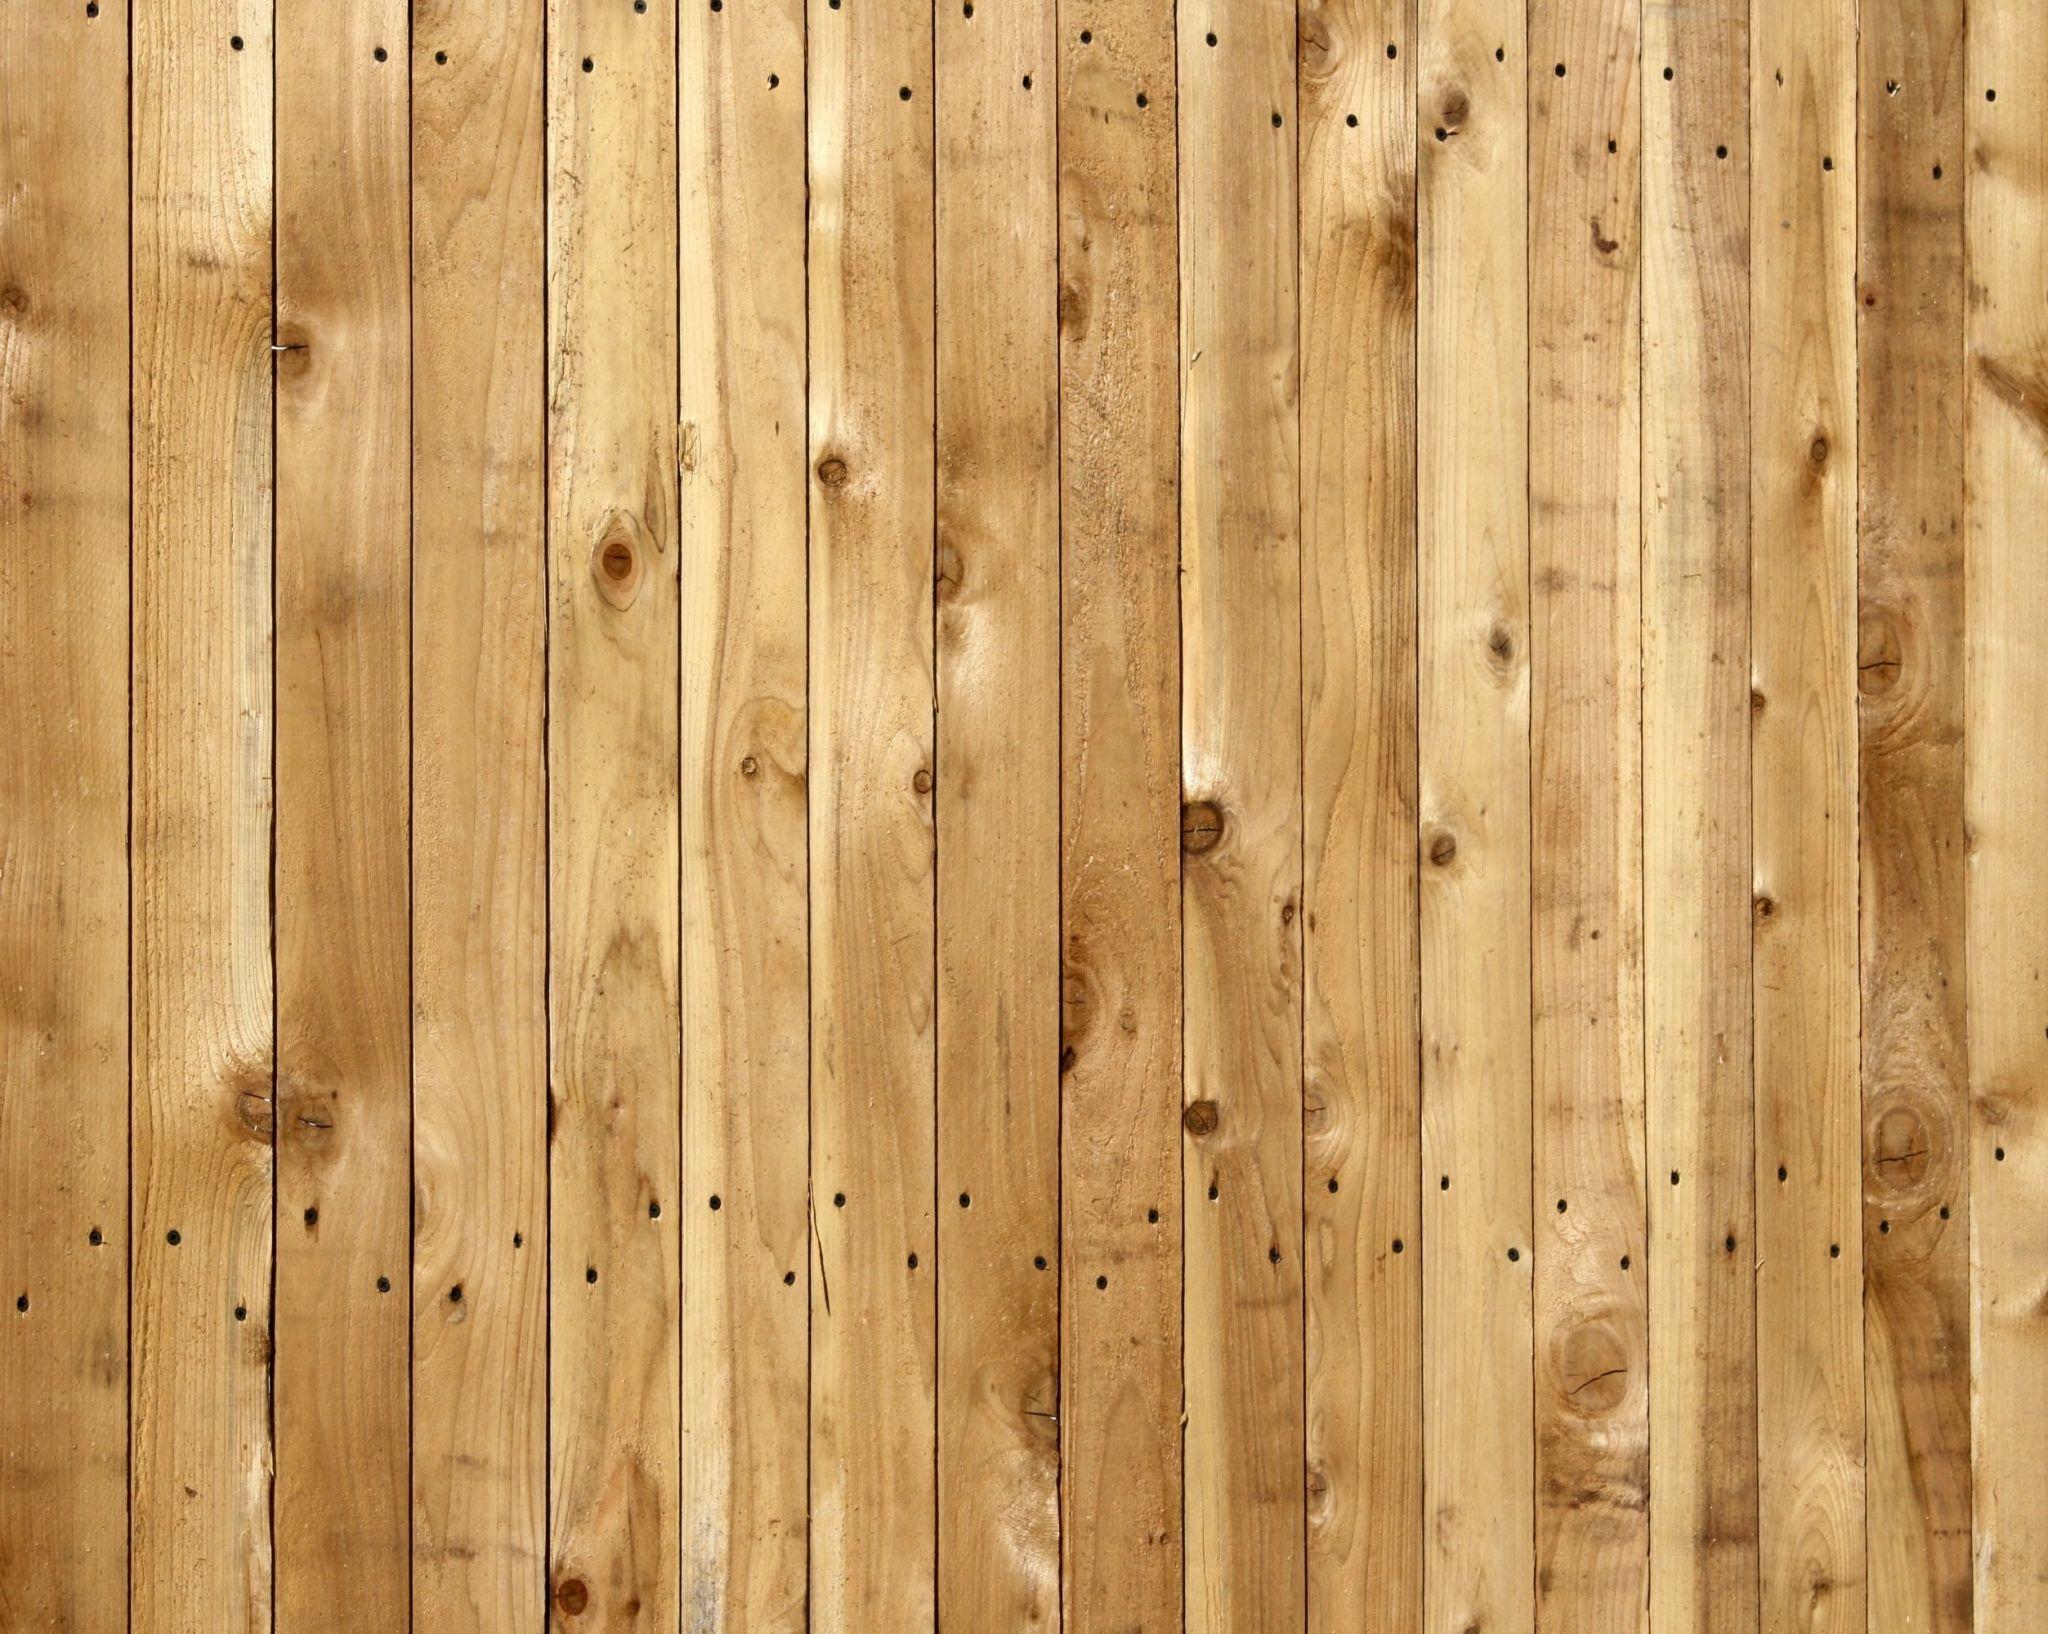 WoodWallpaperDesktopBackgroundsOloloshenka